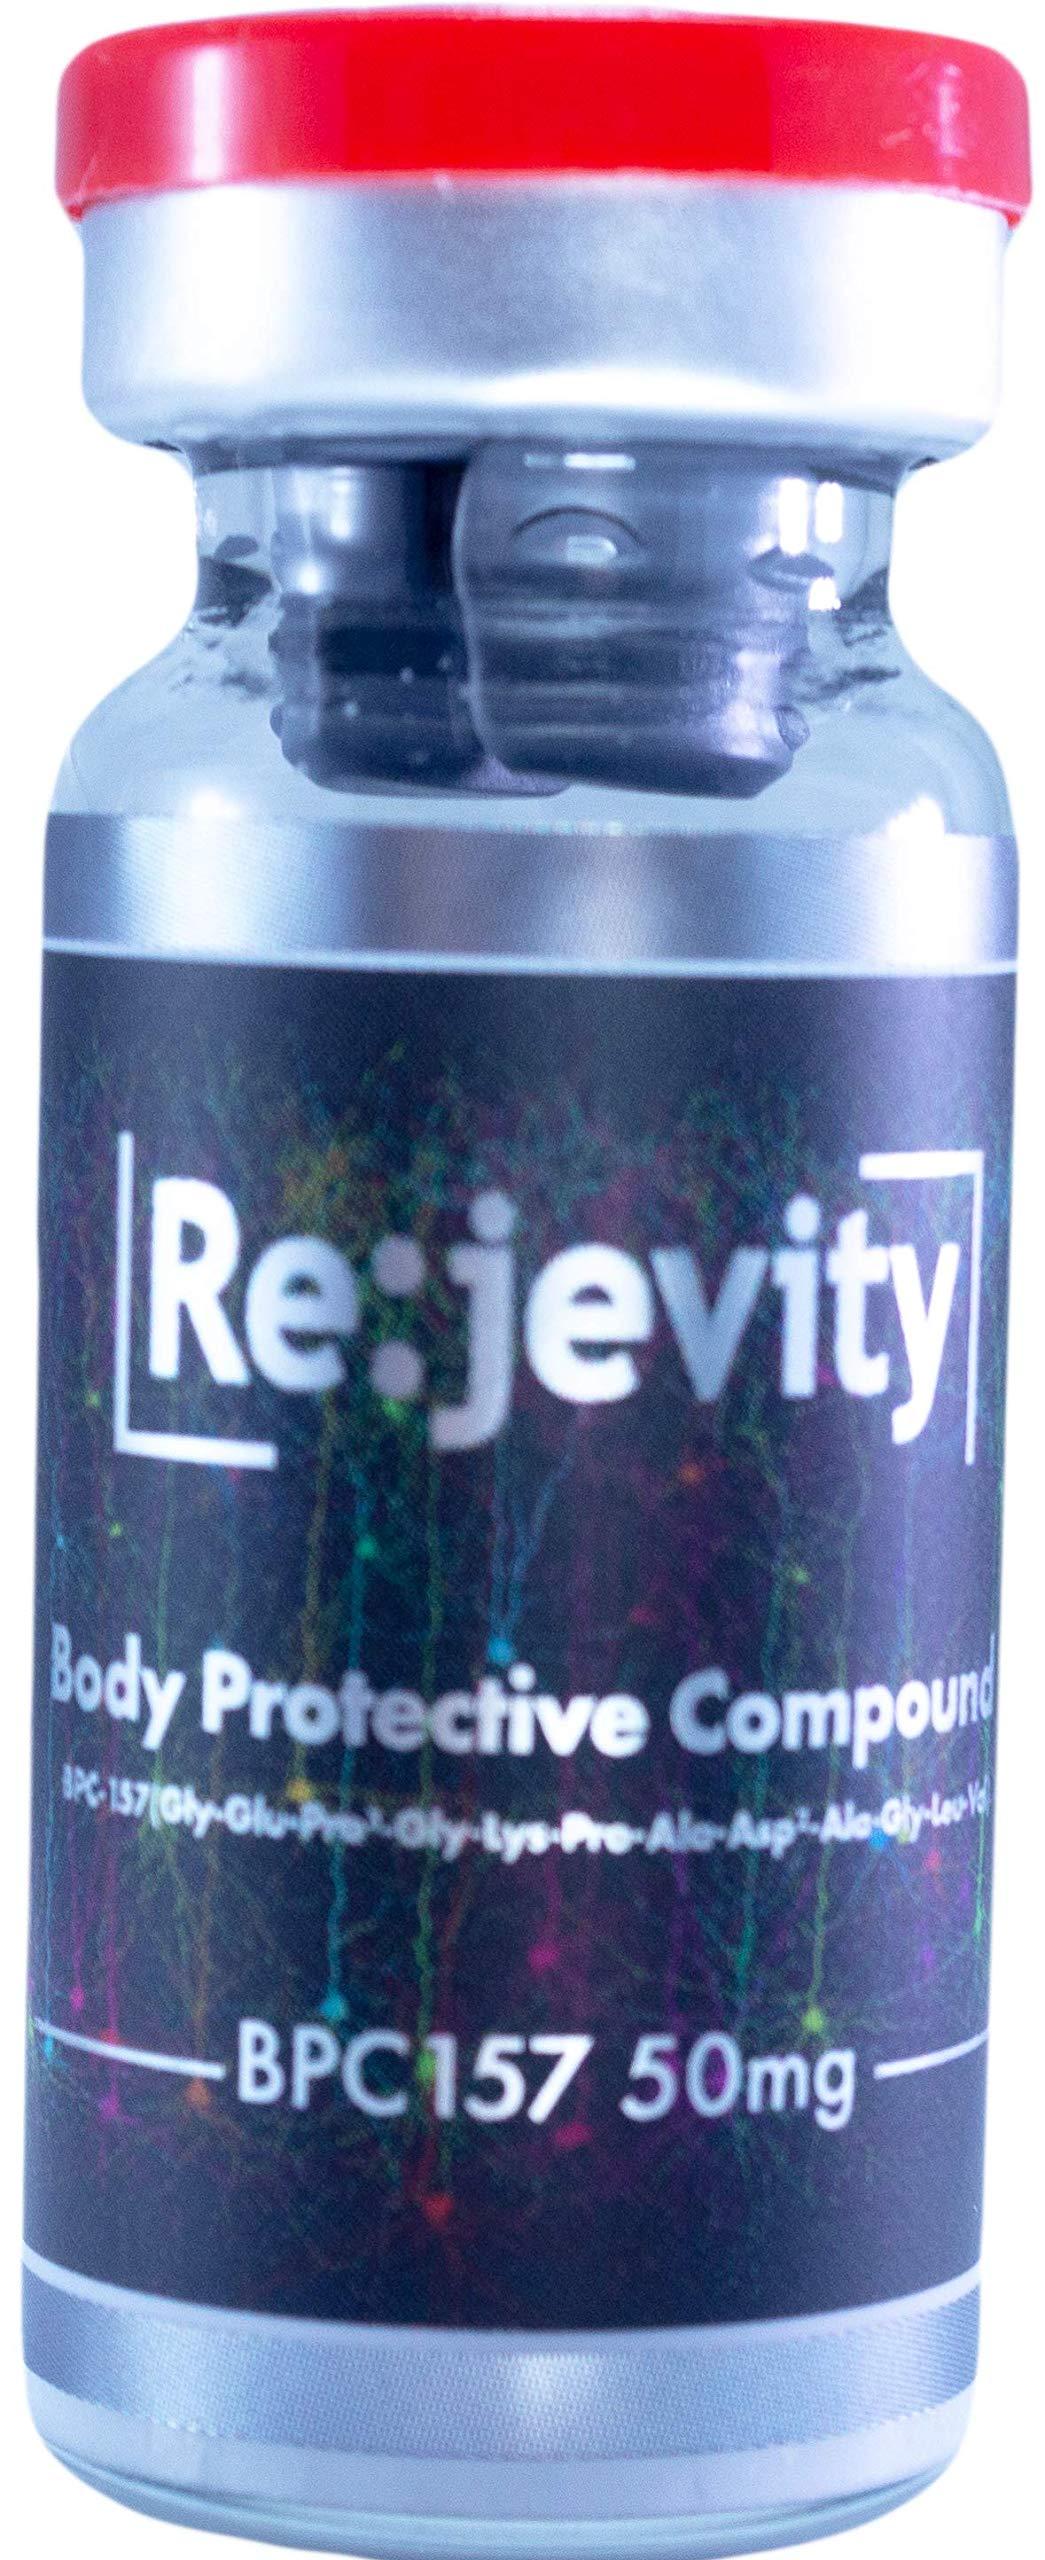 Rejevity BPC-157 50mg (Body Protective Compound)